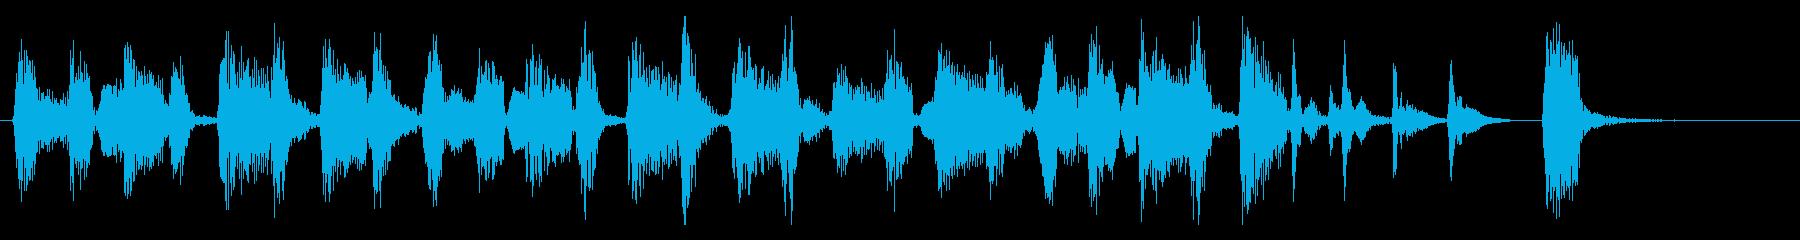 少し暗くて怪しいジプシージャズのジングルの再生済みの波形